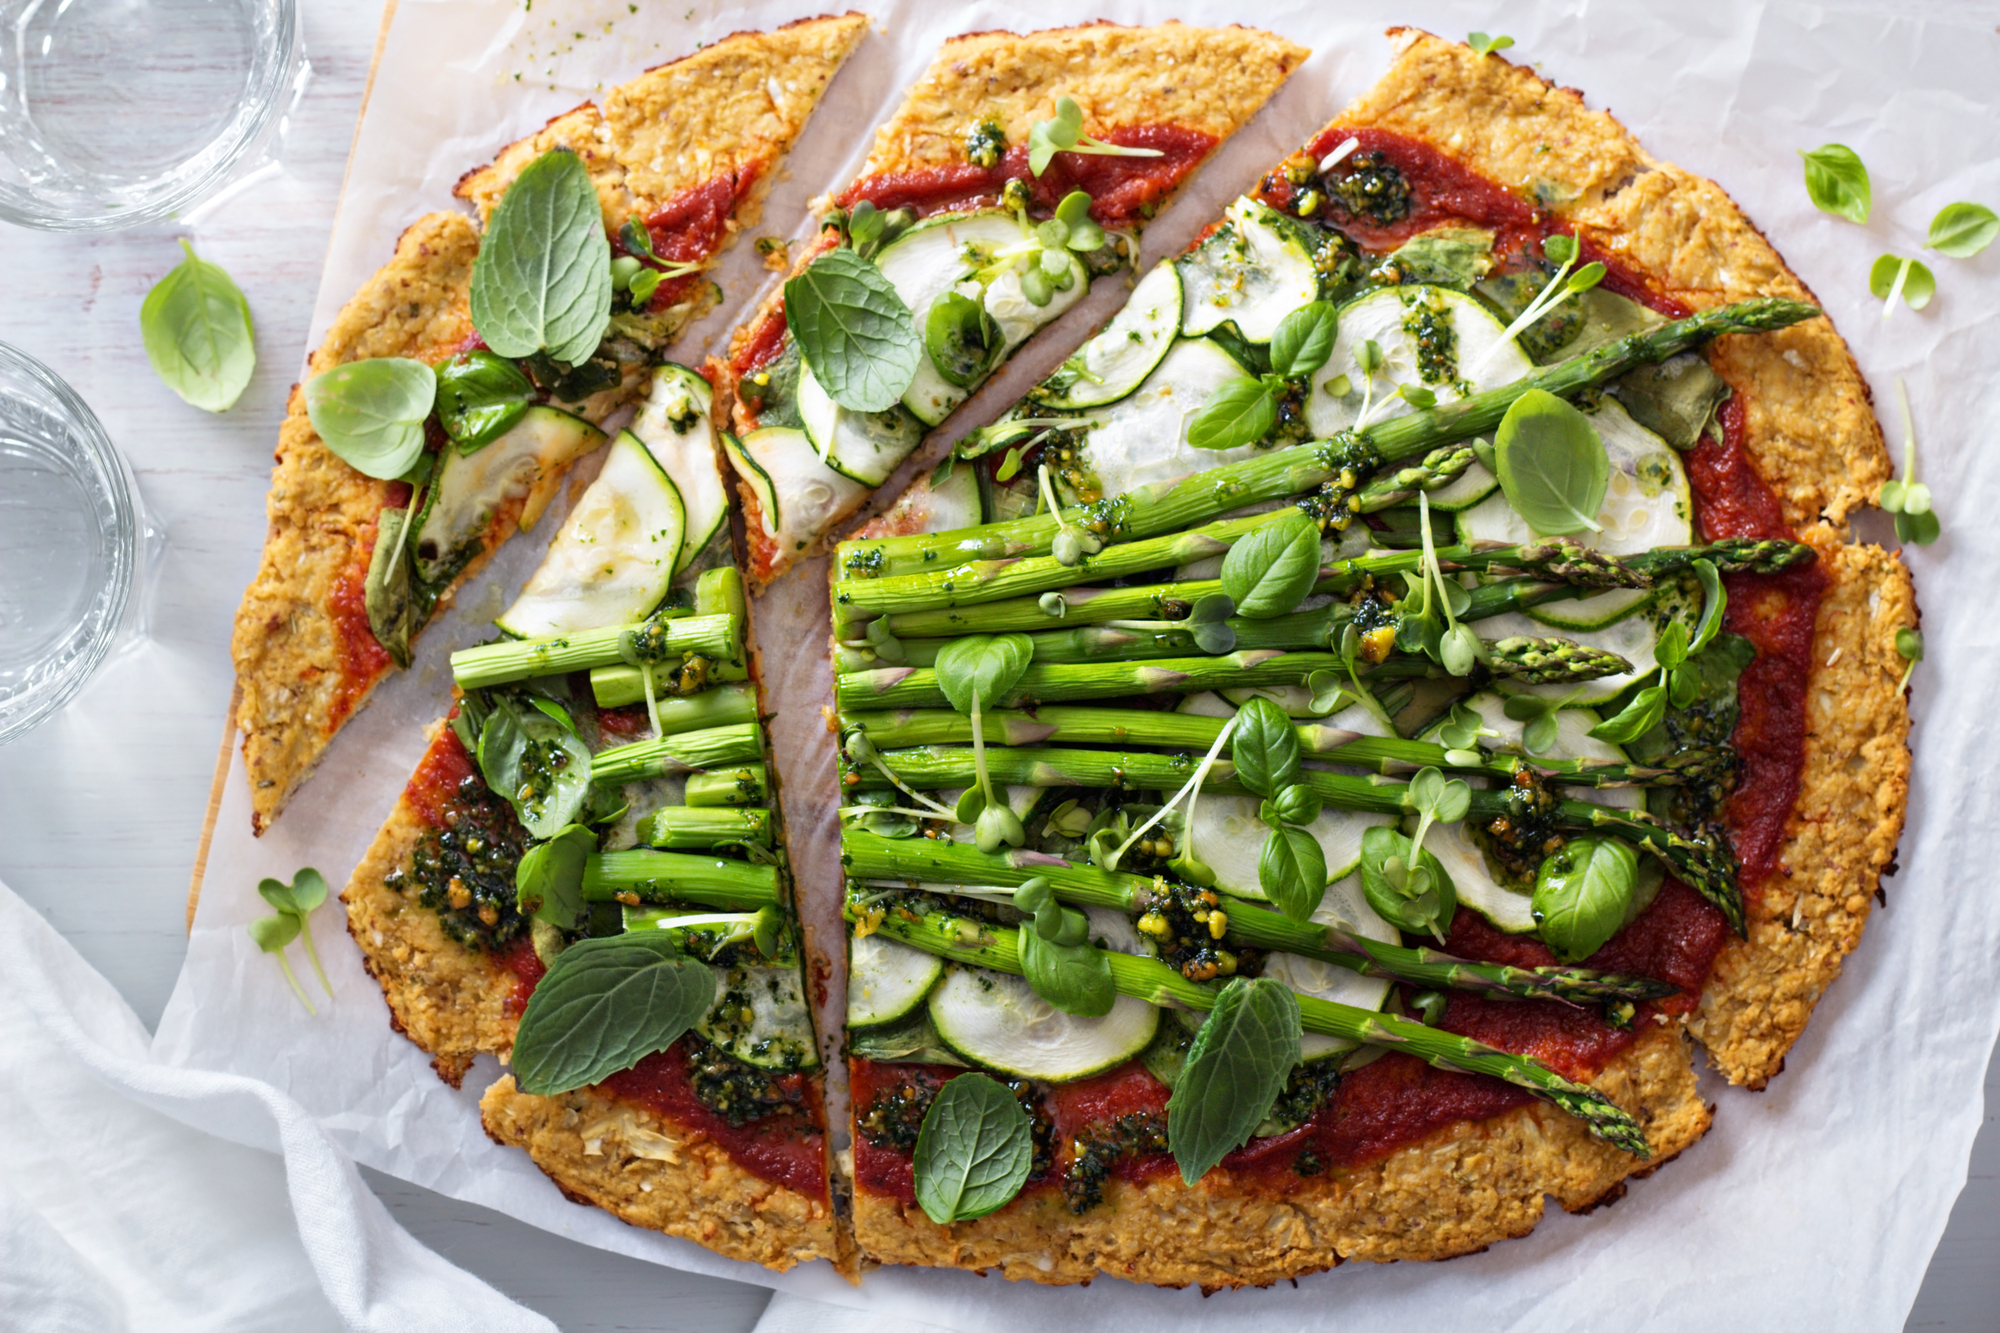 Pizza de couve-flor: com massa low carb, receita fica magrinha!